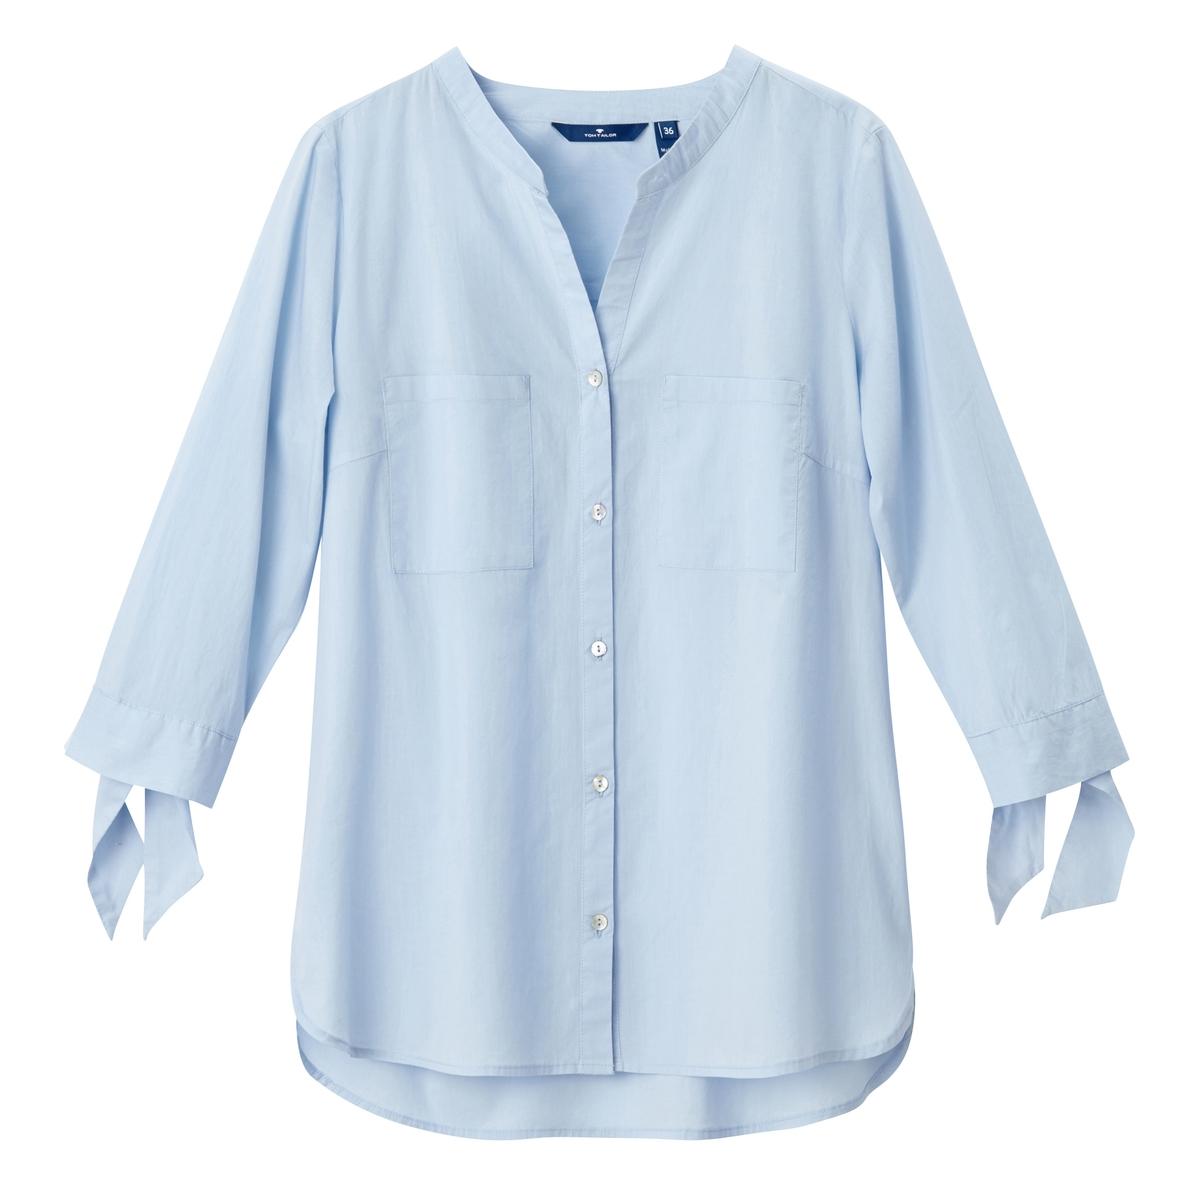 Рубашка с тунисским воротом, рукава 3/4Материал : 100% хлопок  Покрой : прямой Длина рукава : Рукава 3/4 Форма воротника : круглый вырез с разрезом спереди Длина блузки : стандартная Покрой : прямой Рисунок : однотонная модель<br><br>Цвет: голубой